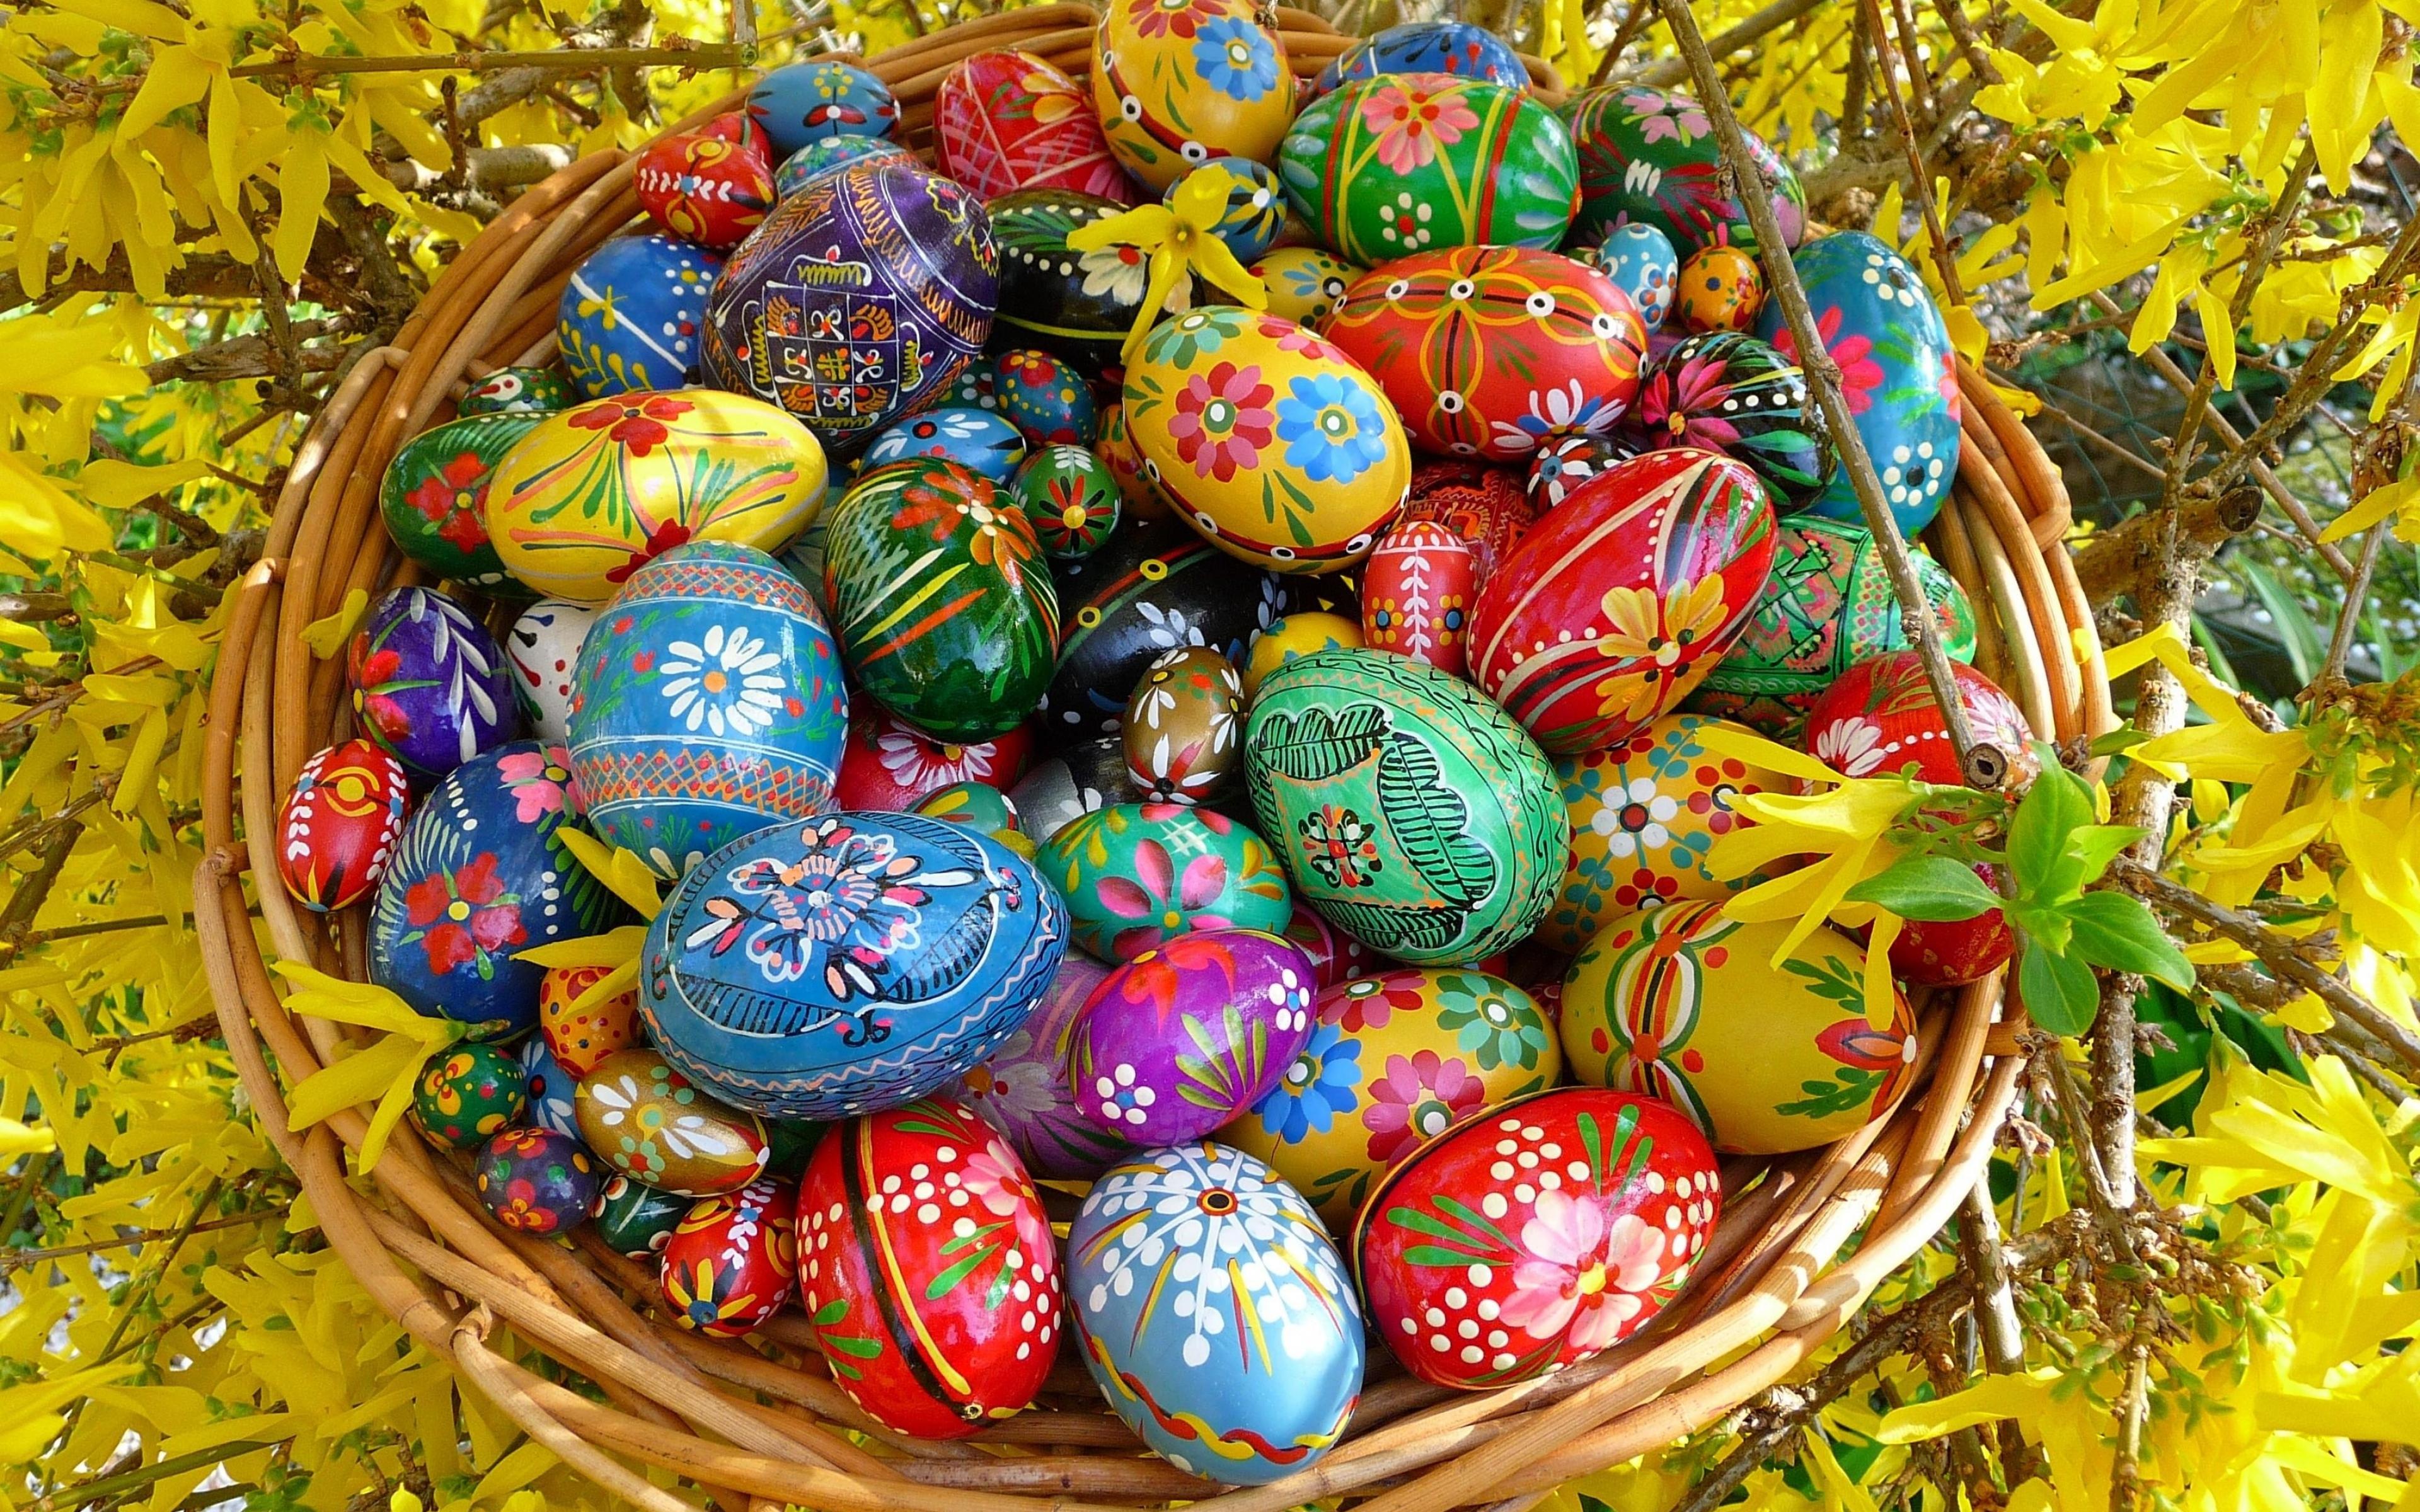 Картинка с пасхальными яйцами, открытки